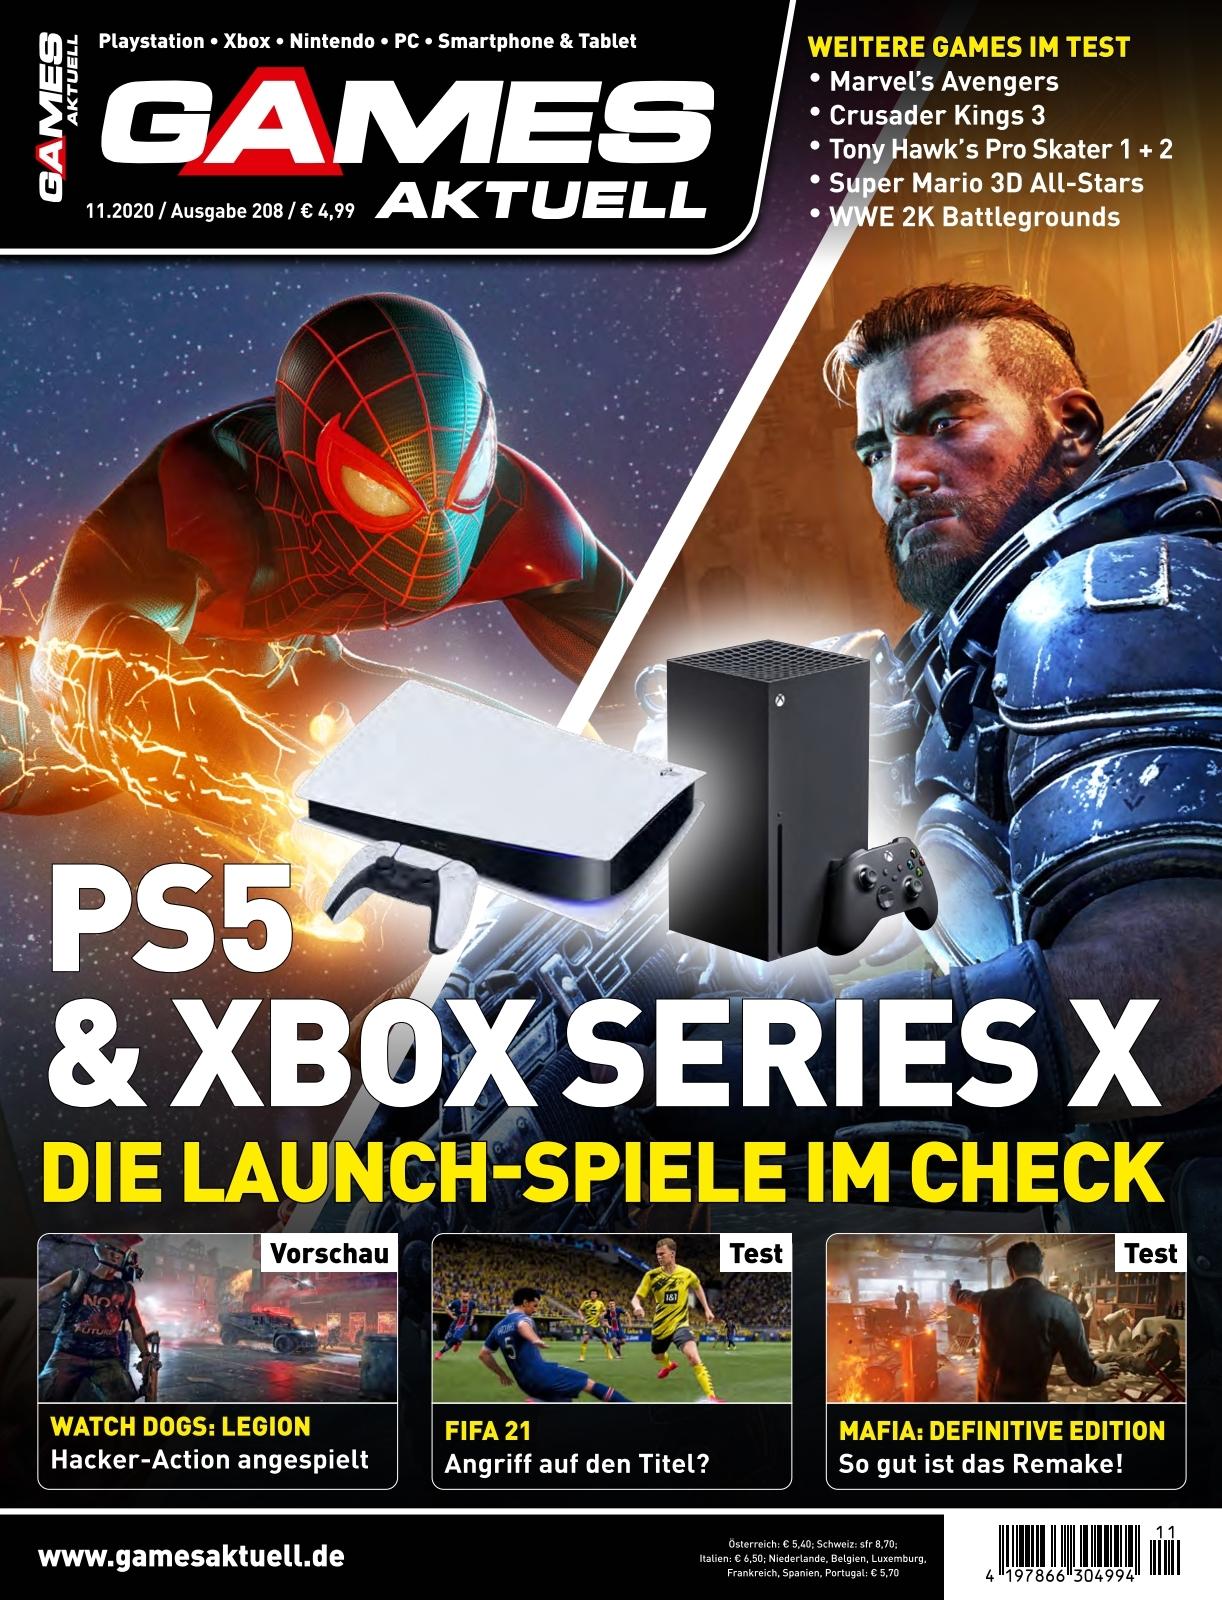 Games Aktuell 2020 10 21